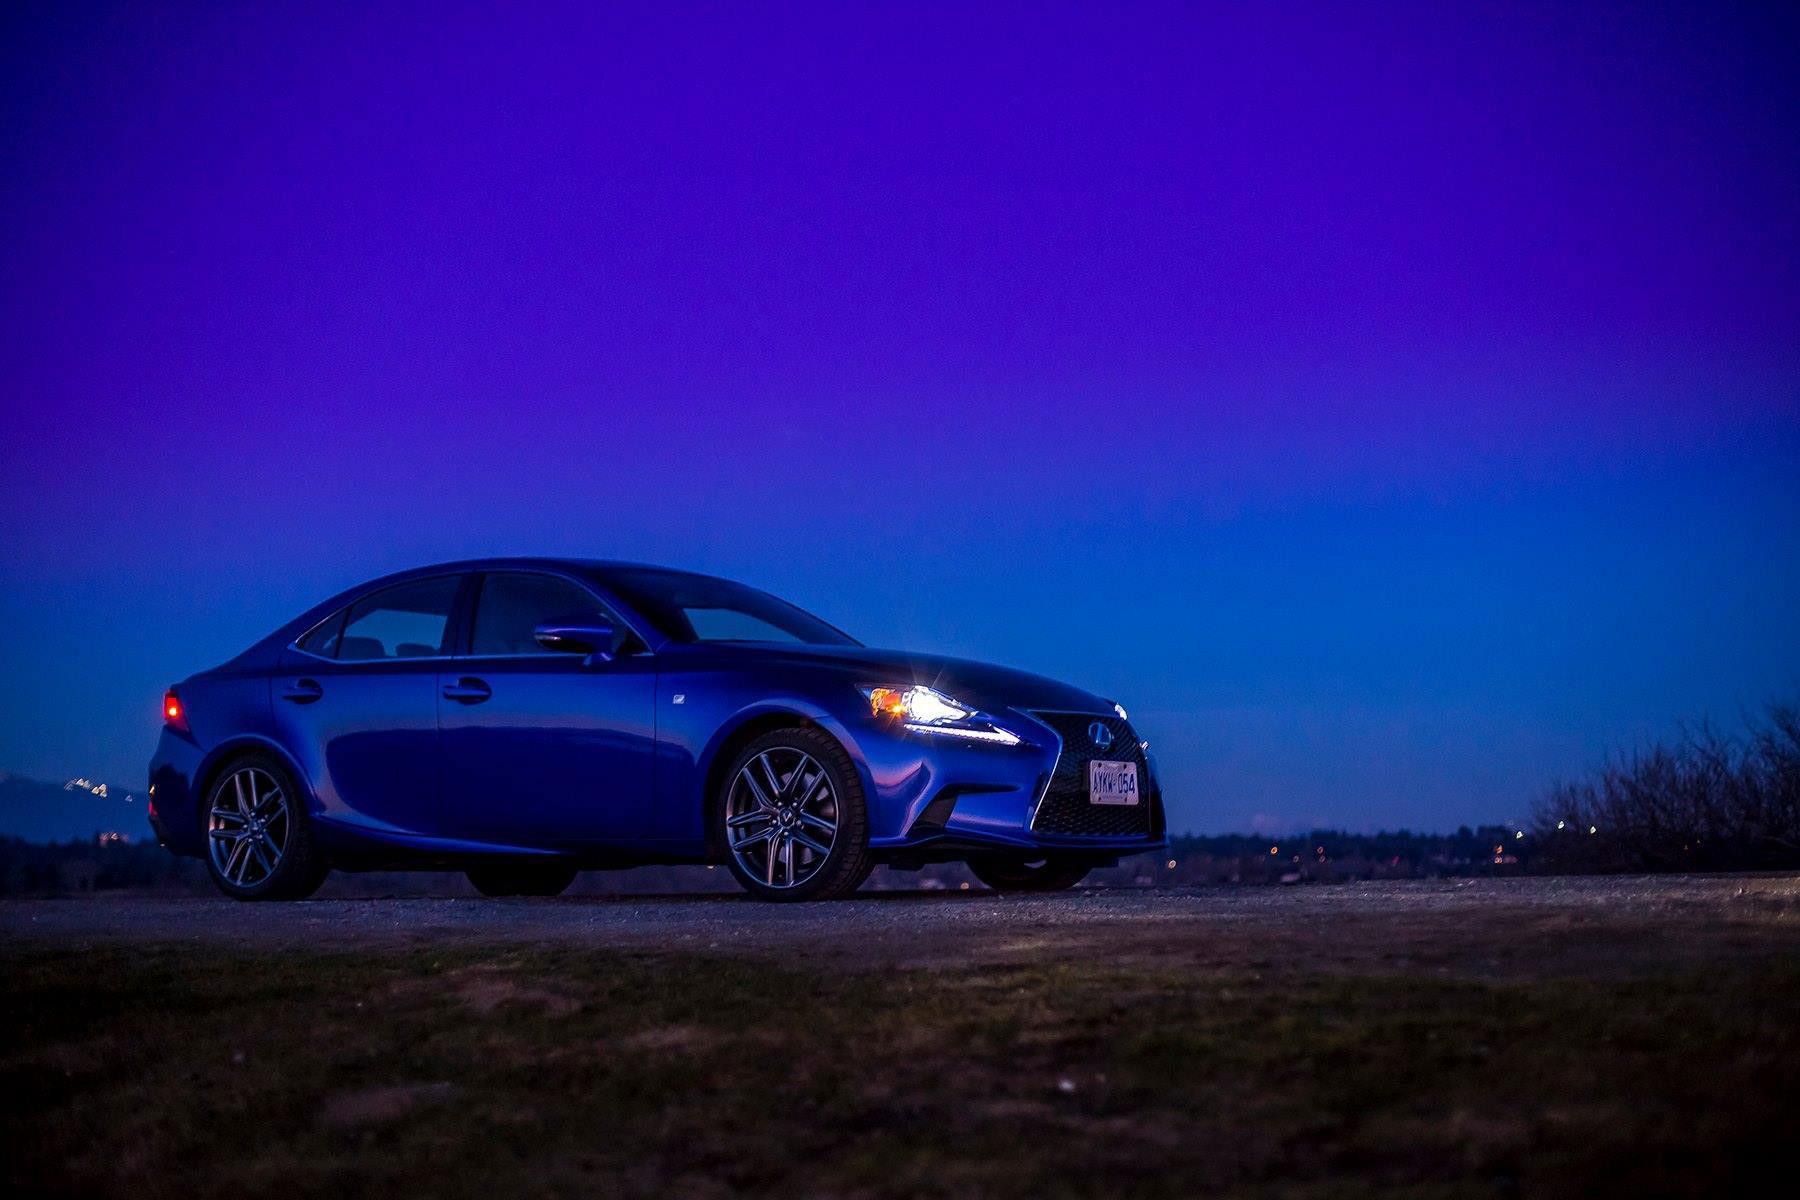 2015 Lexus Gs >> Ultrasonic Blue Lexus IS F Sport At Dusk for Your Desktop - autoevolution